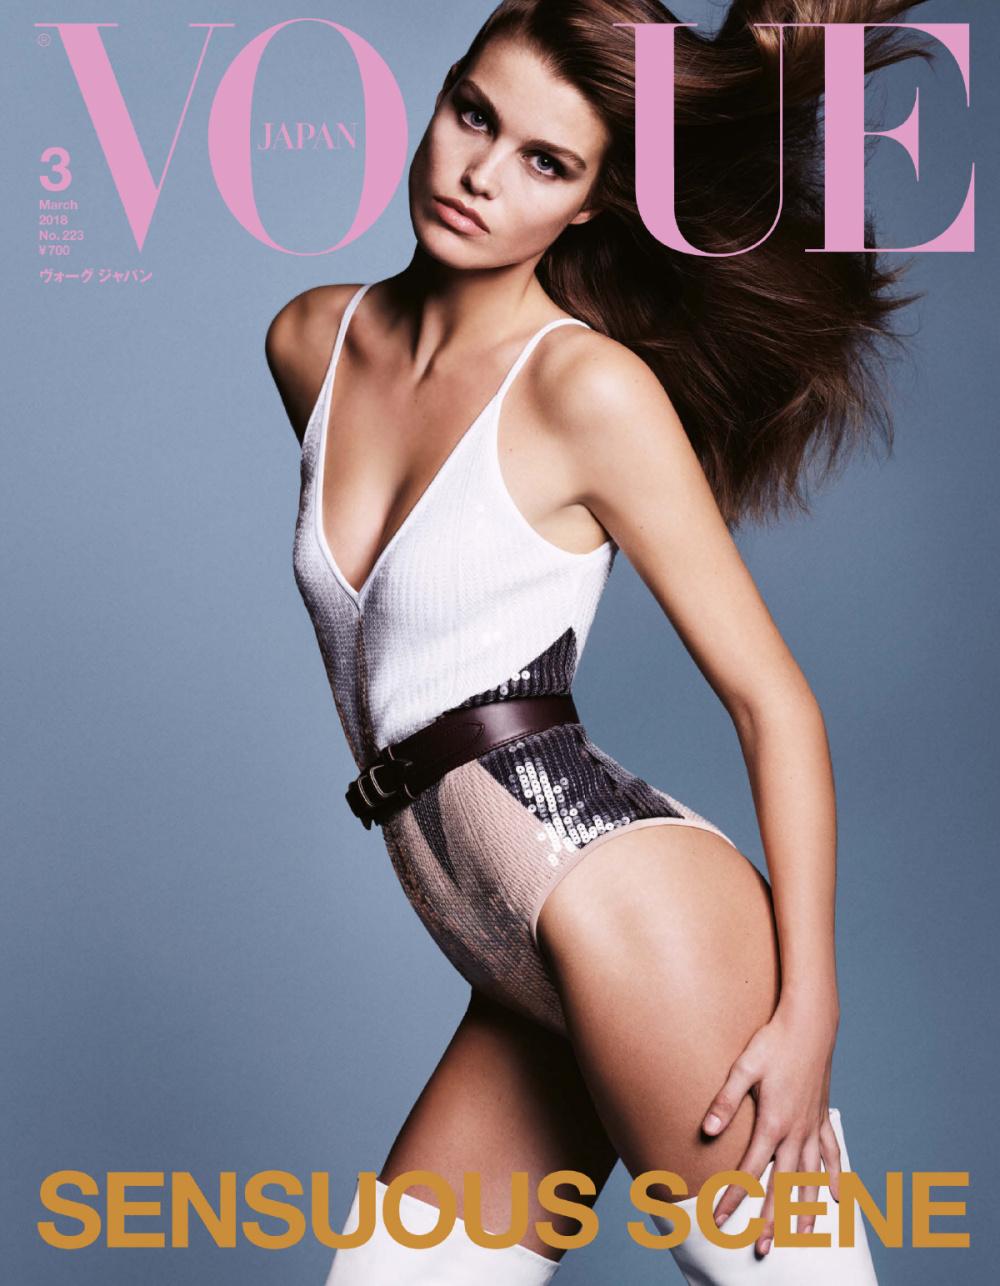 时尚摄影师组合Luigi & Iango时尚大片:Vogue杂志日本版2018三月刊集合